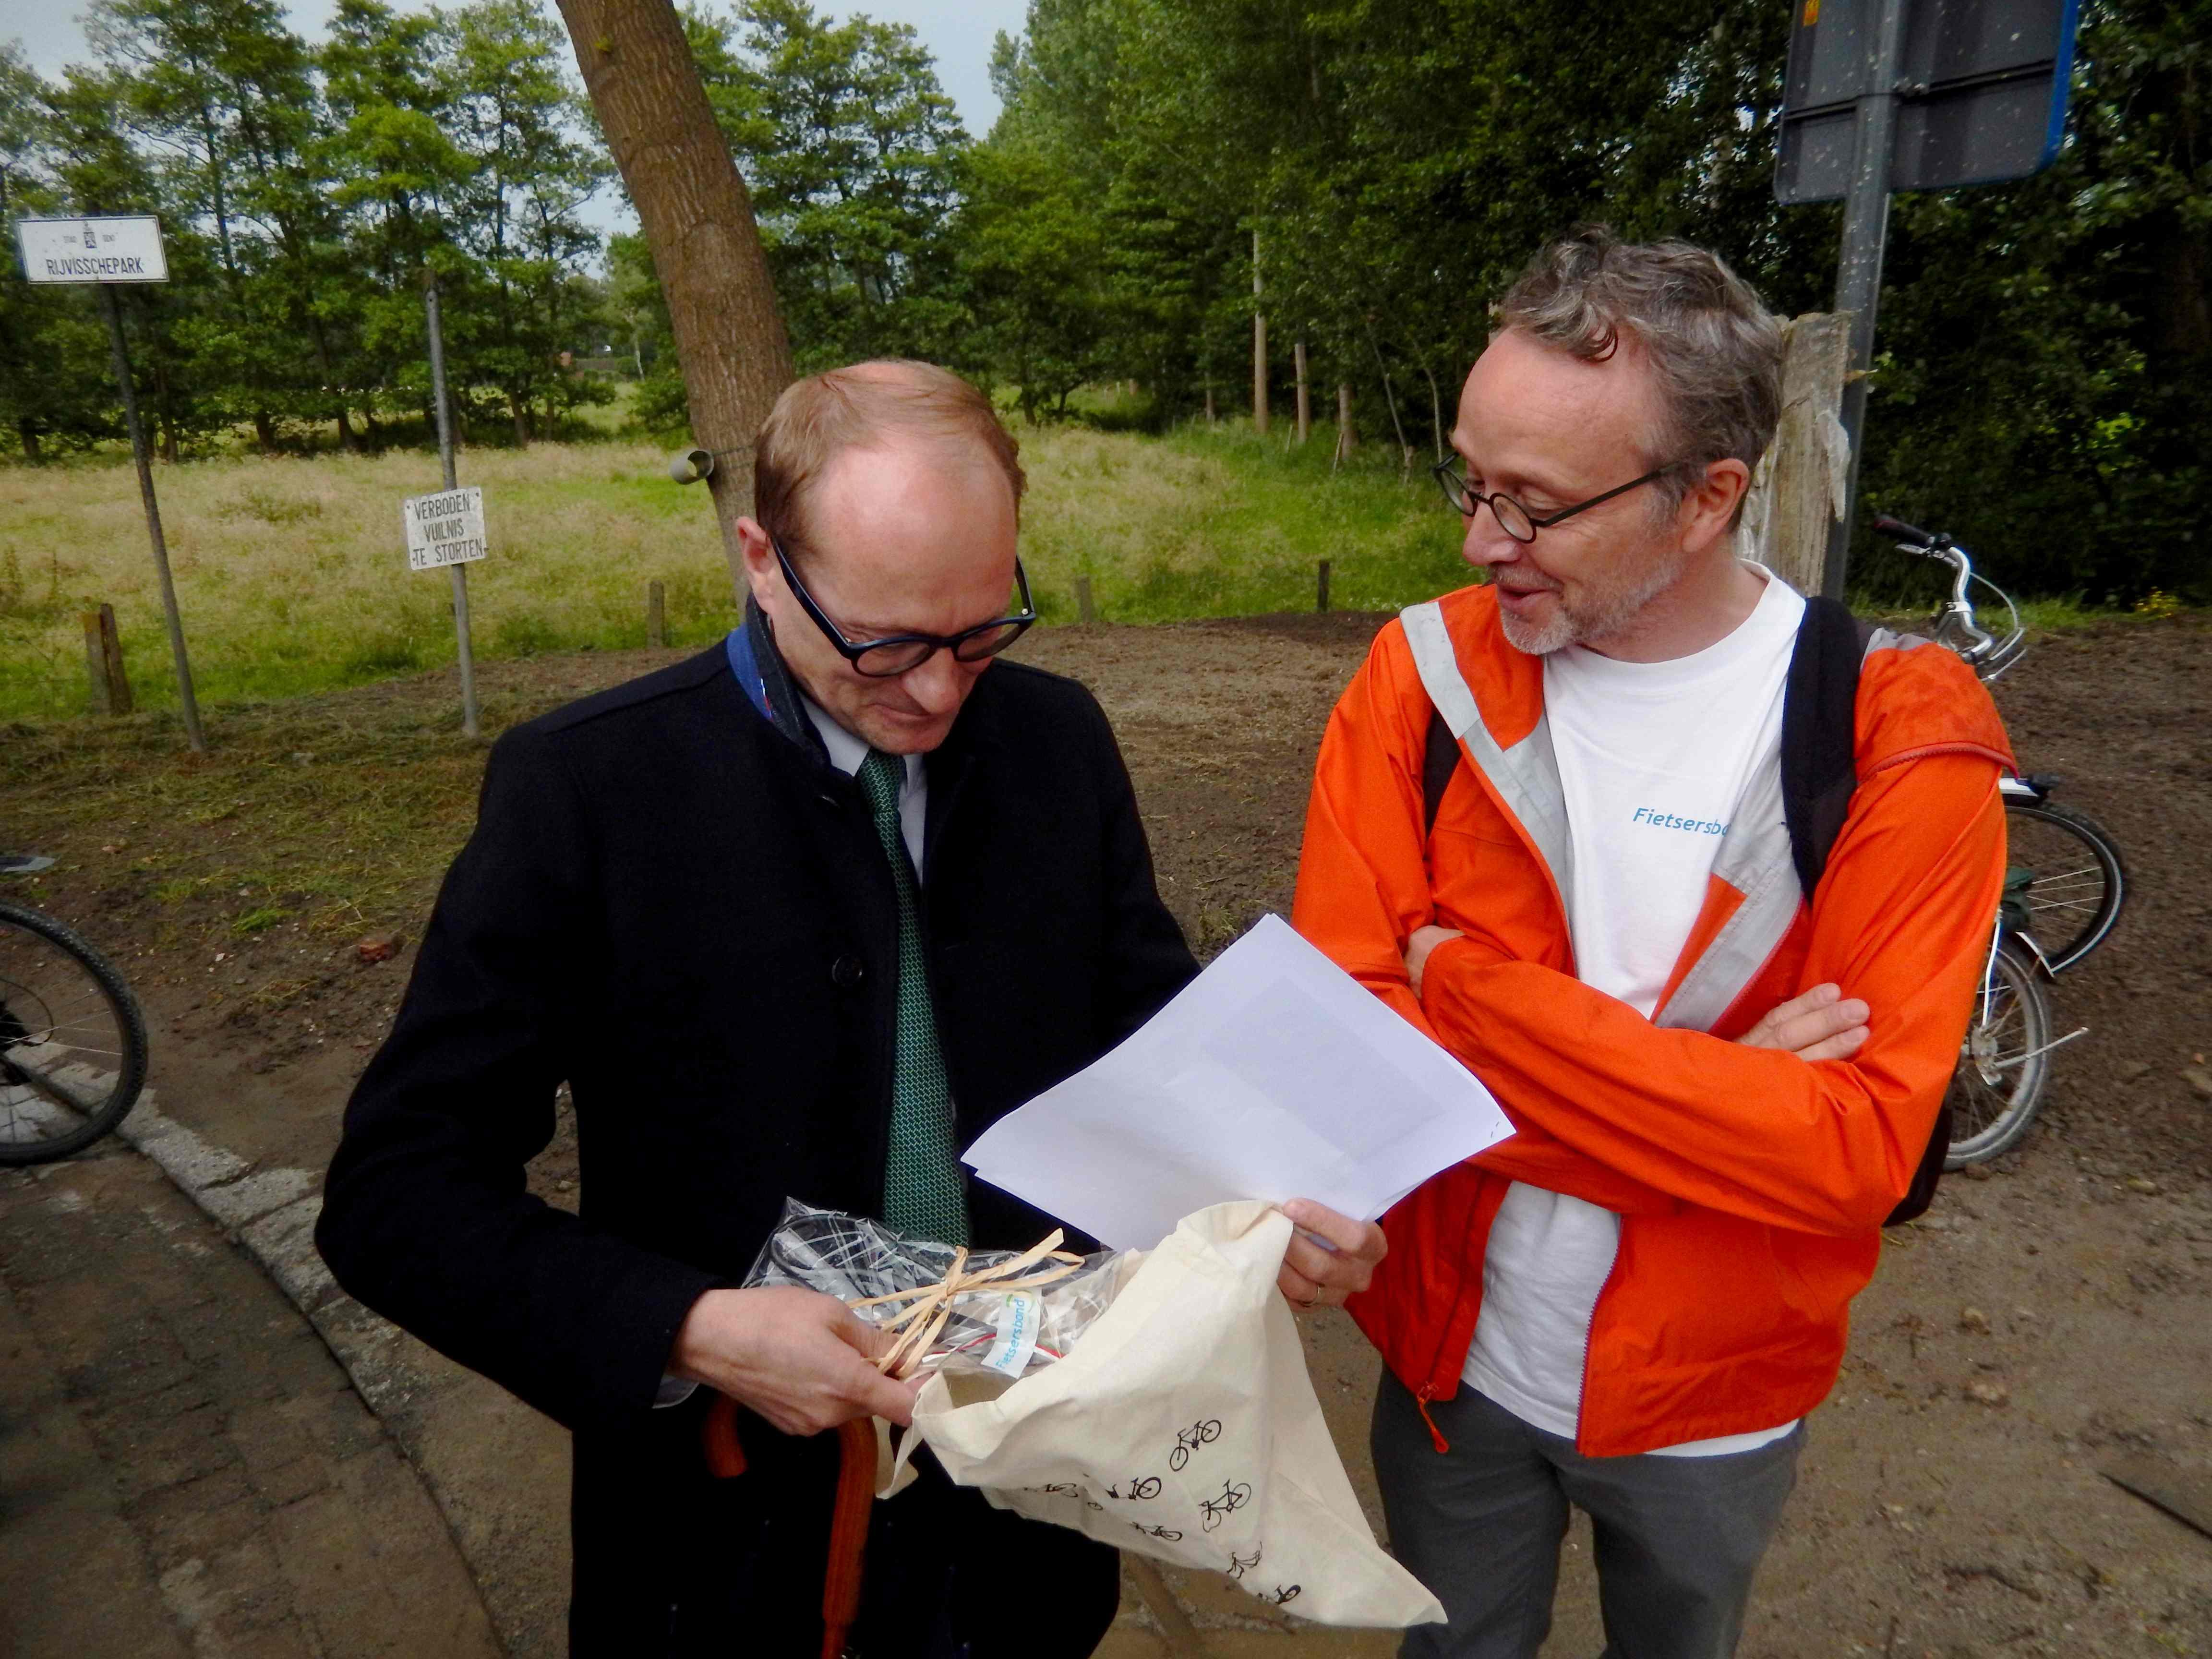 Fietsbult een gentse blog over fietsers fietsen en fietsinfrastructuur pagina 42 - Geloof pierre ...